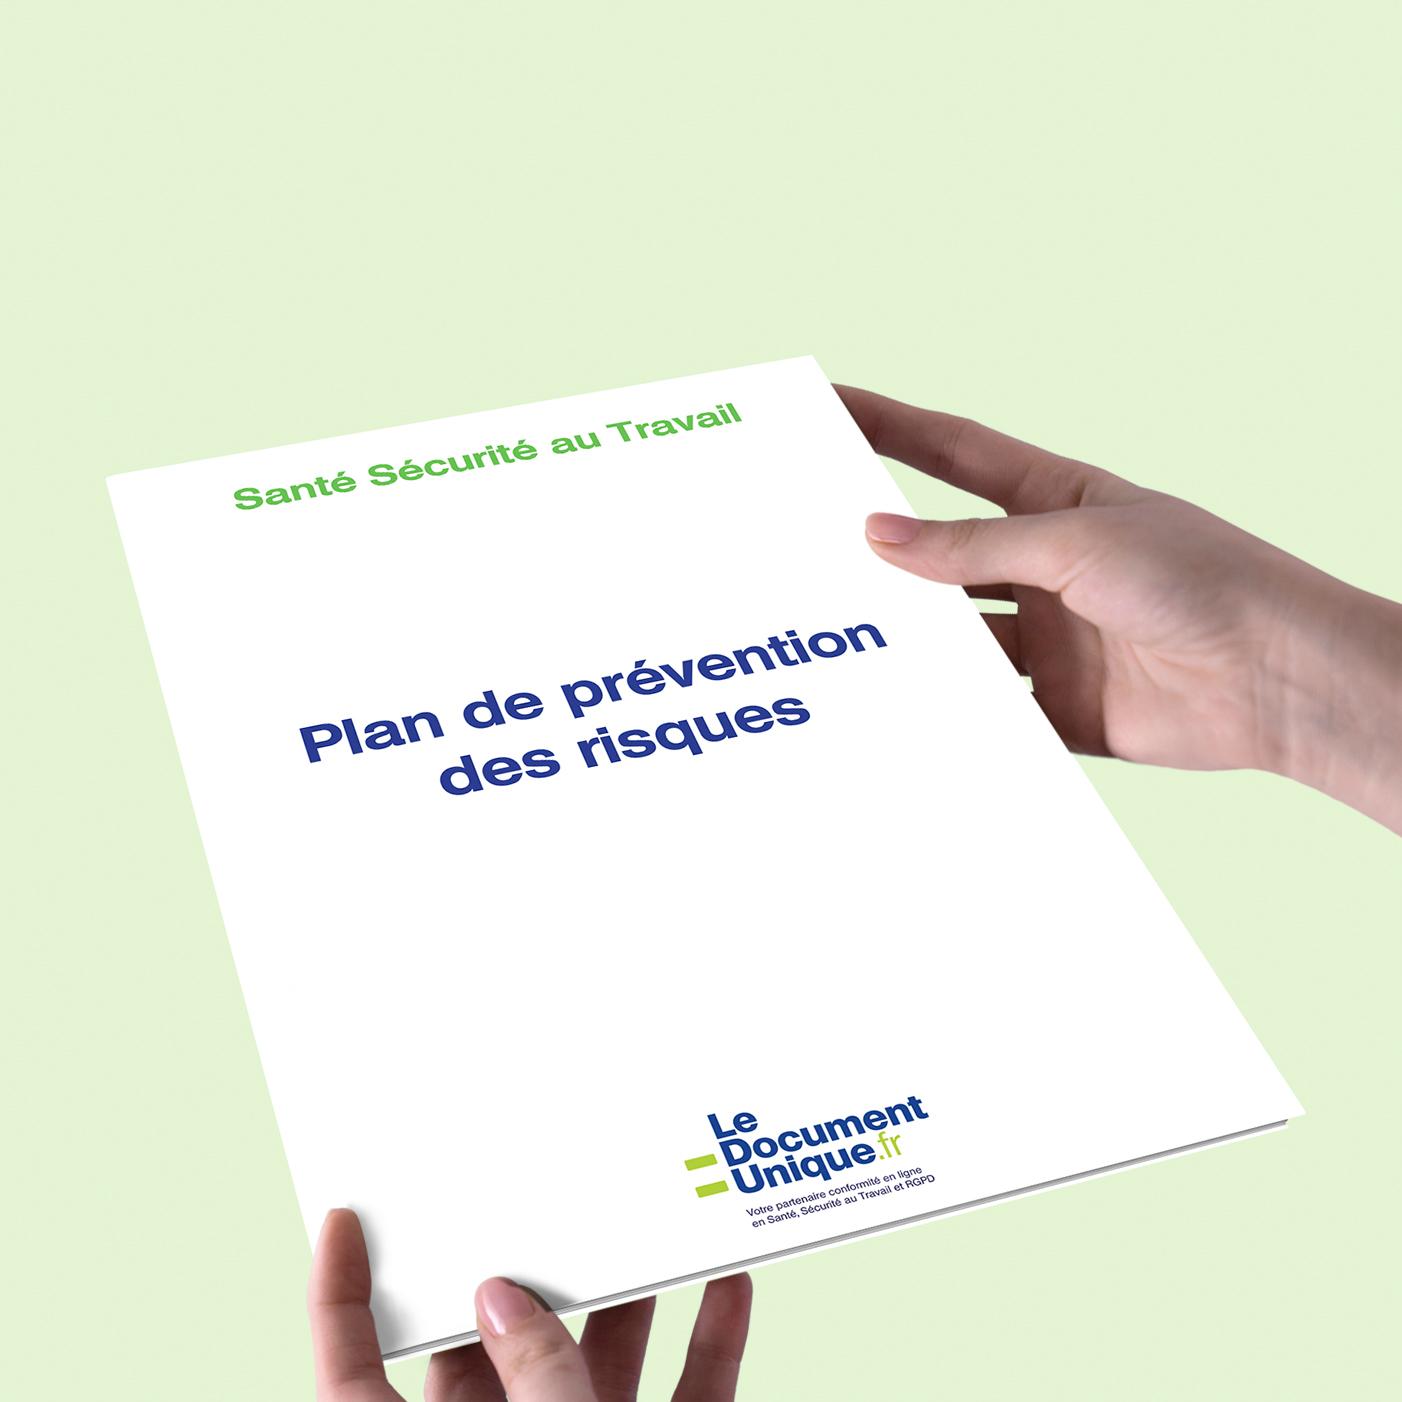 Plan de prévention des risques de la santé et sécurité au travail